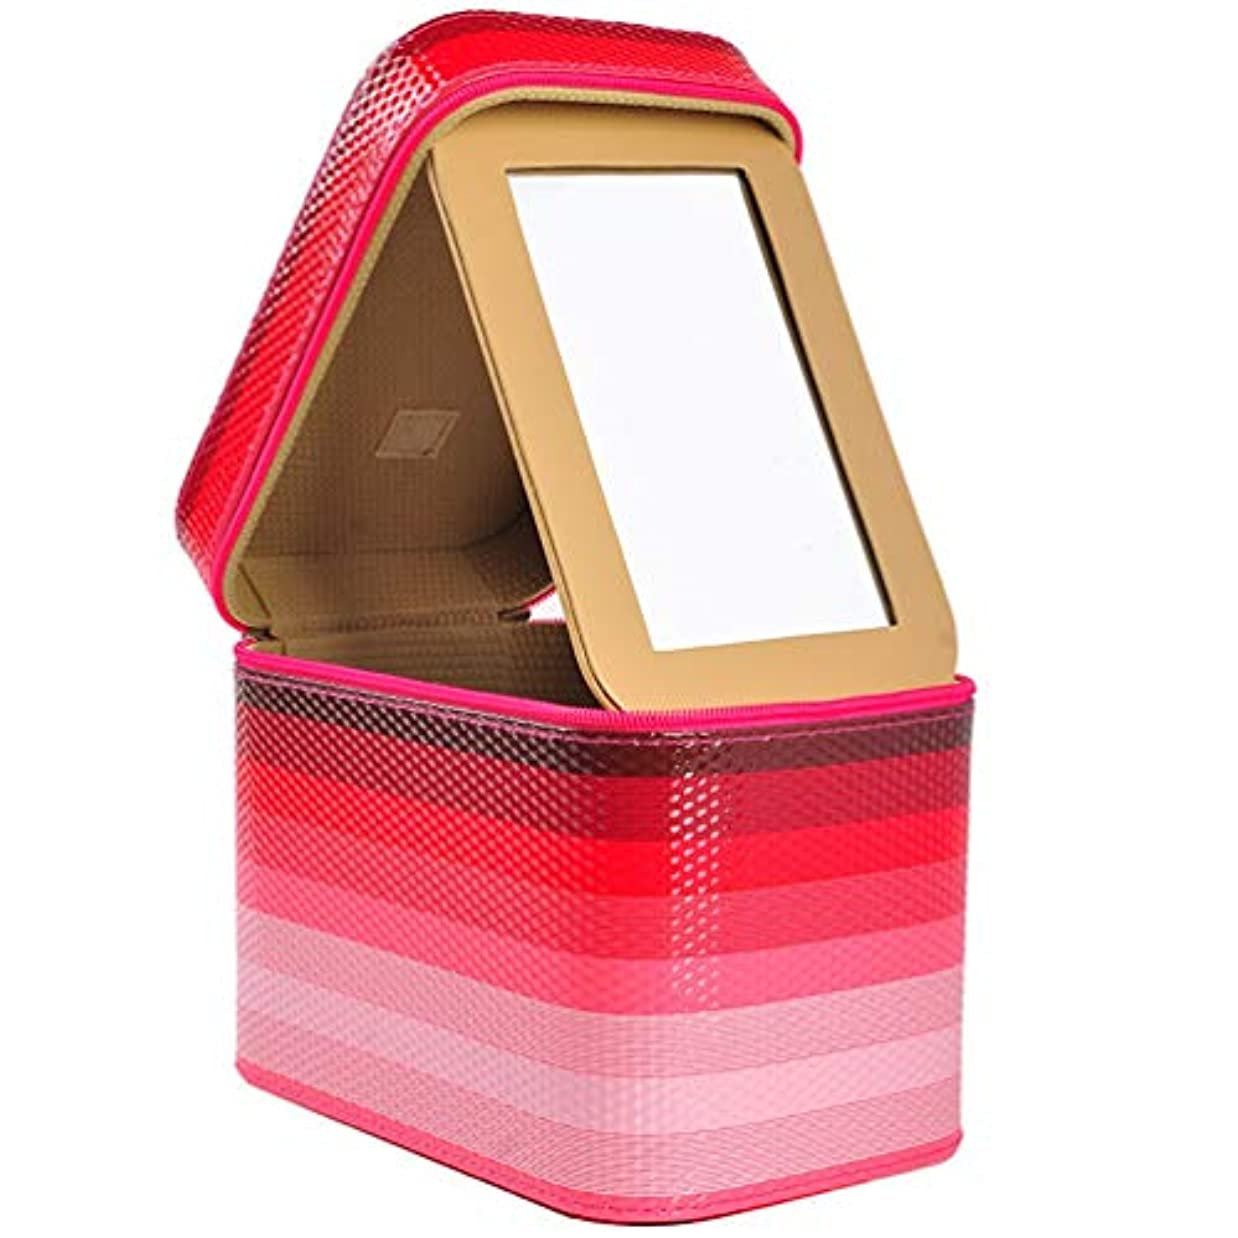 ジョージエリオット被る手術[カタク]メイクボックス コスメボックス 大容量 鏡付き 化粧ボックス おしゃれ 取っ手付 携帯便利 化粧道具 メイクブラシ 小物 出張 旅行 機能的 PUレザー プロ仕様 きらきら 化粧ポーチ コスメBOX